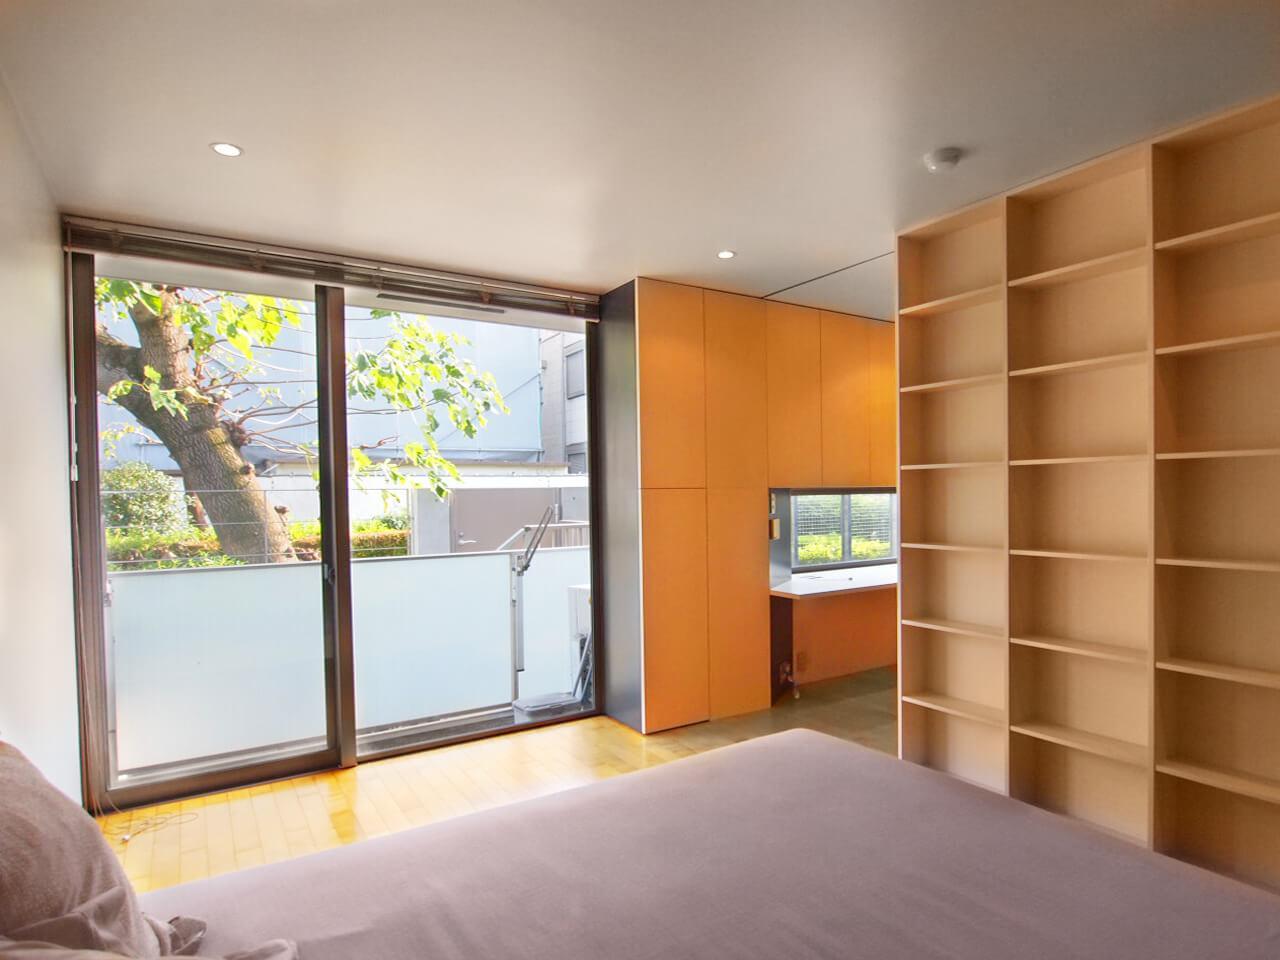 1階の寝室を別アングルで。奥に小さな書斎スペースがあります